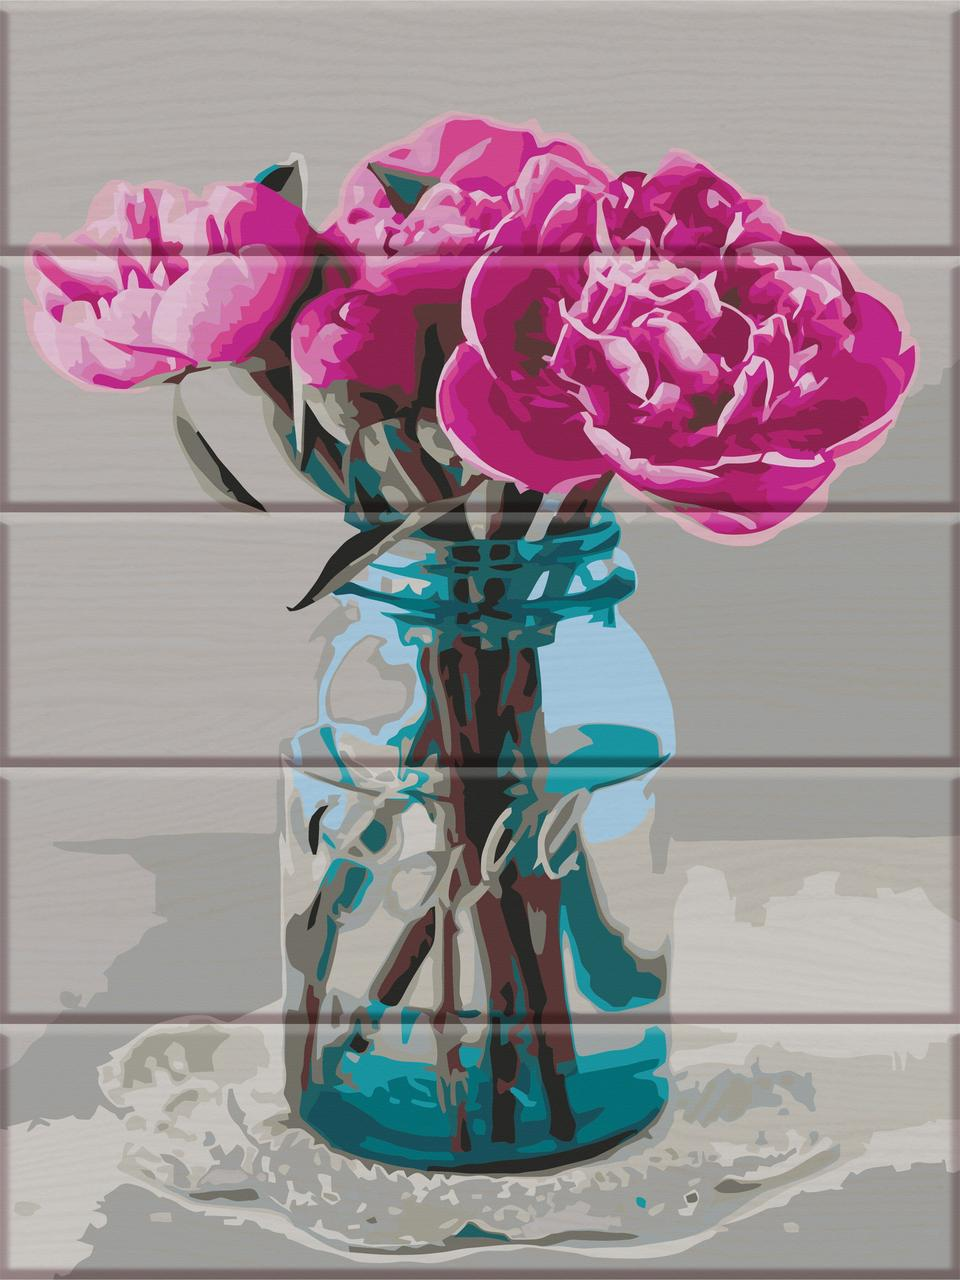 ASW080 Раскраска по номерам на деревянной основе Пионы на столе, В картонной коробке